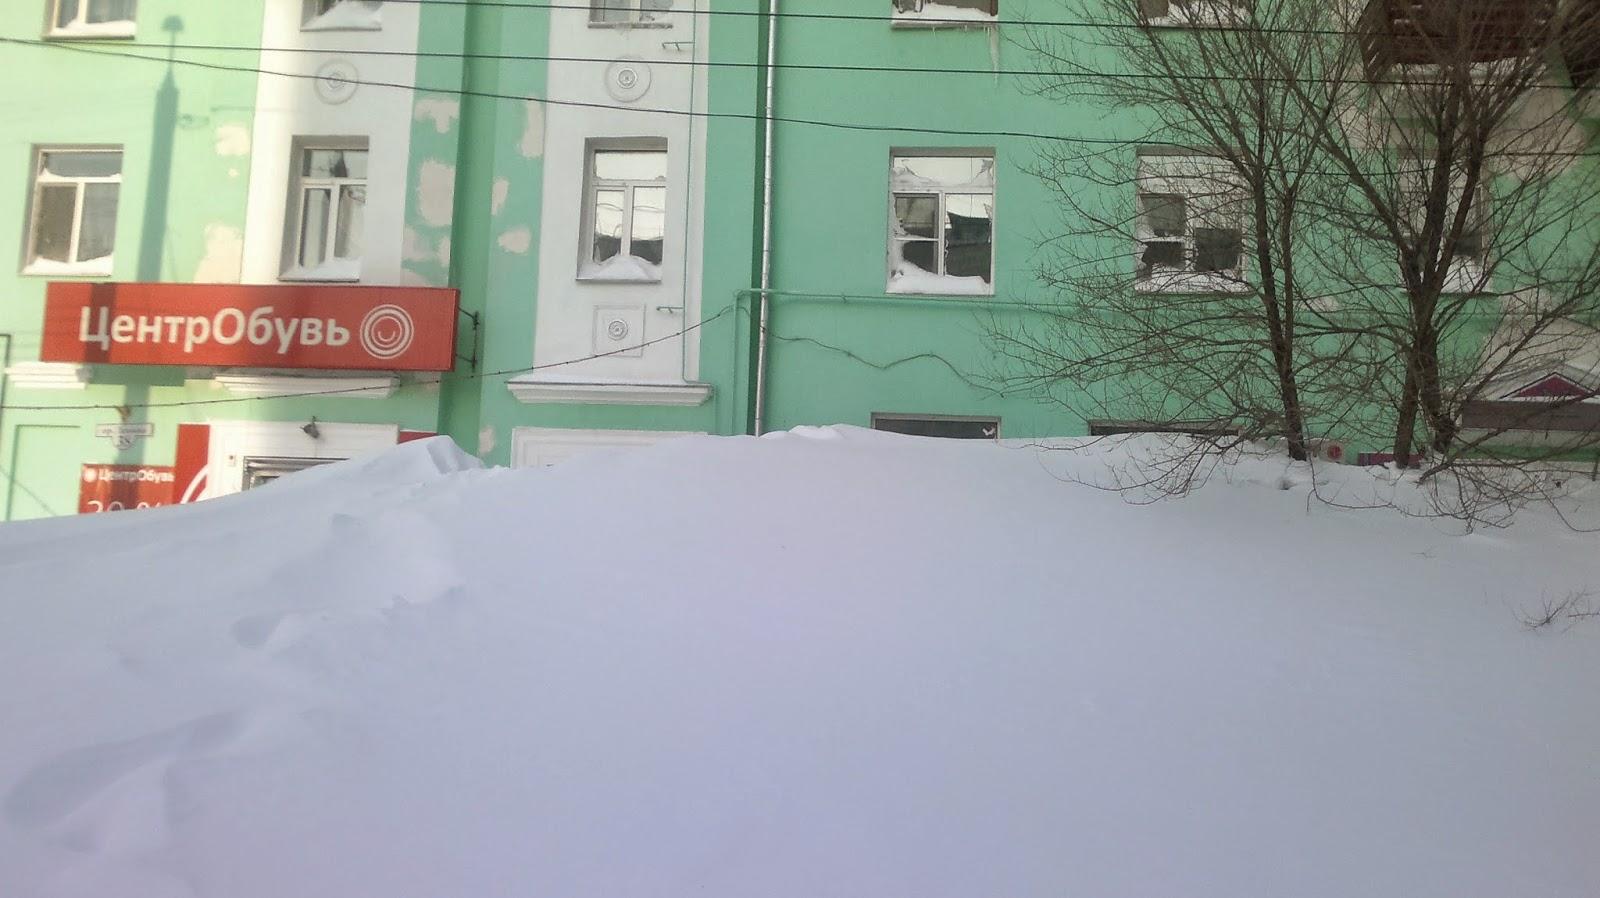 Магазины в снегу